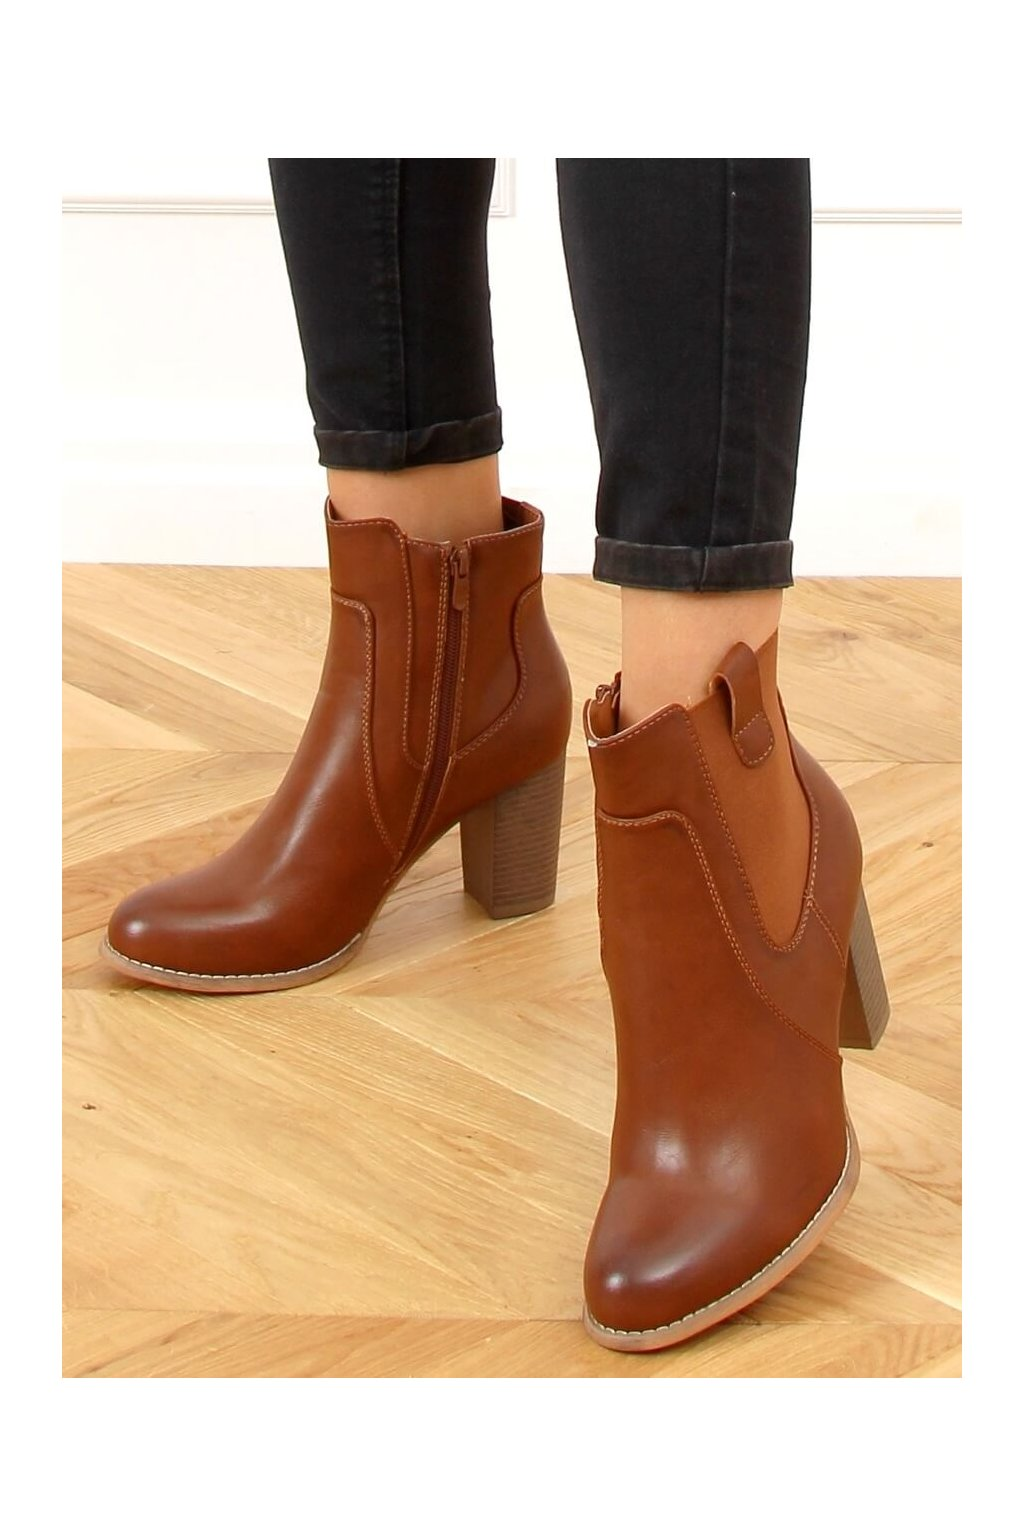 Dámske členkové topánky hnedé na stĺpovom podpätku 3654